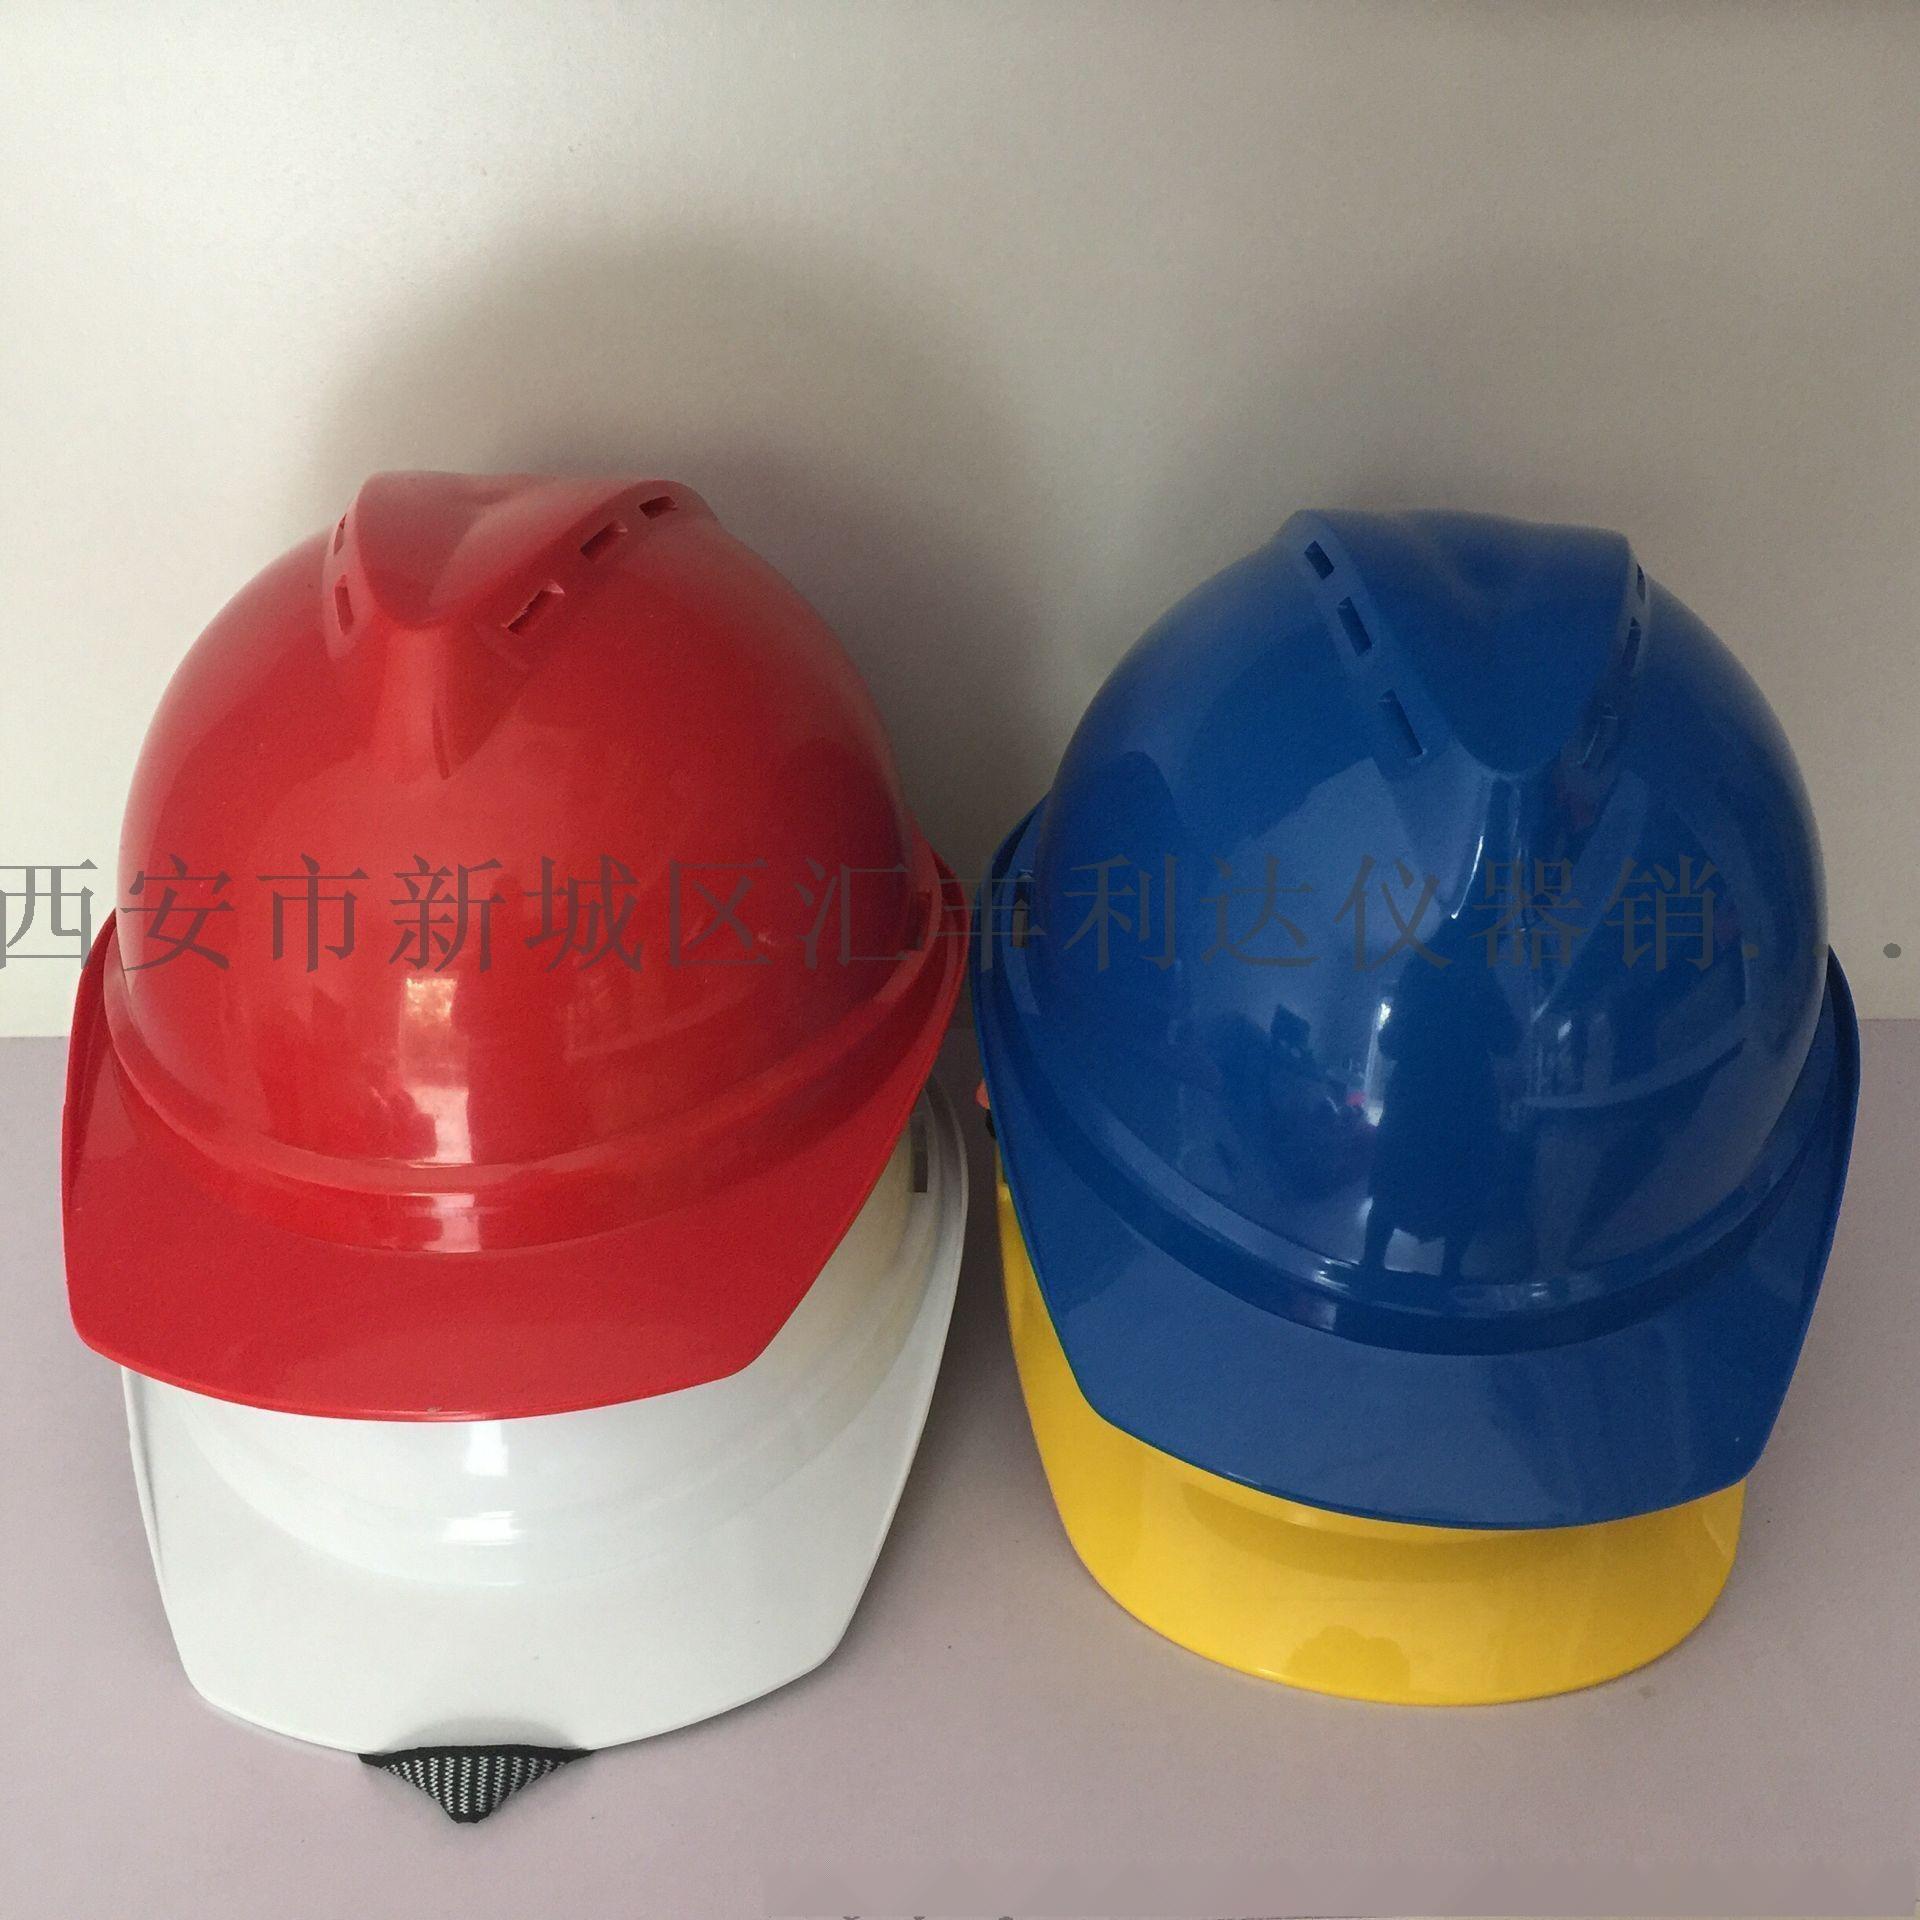 西安安全帽哪余有賣安全帽1377248929295210485